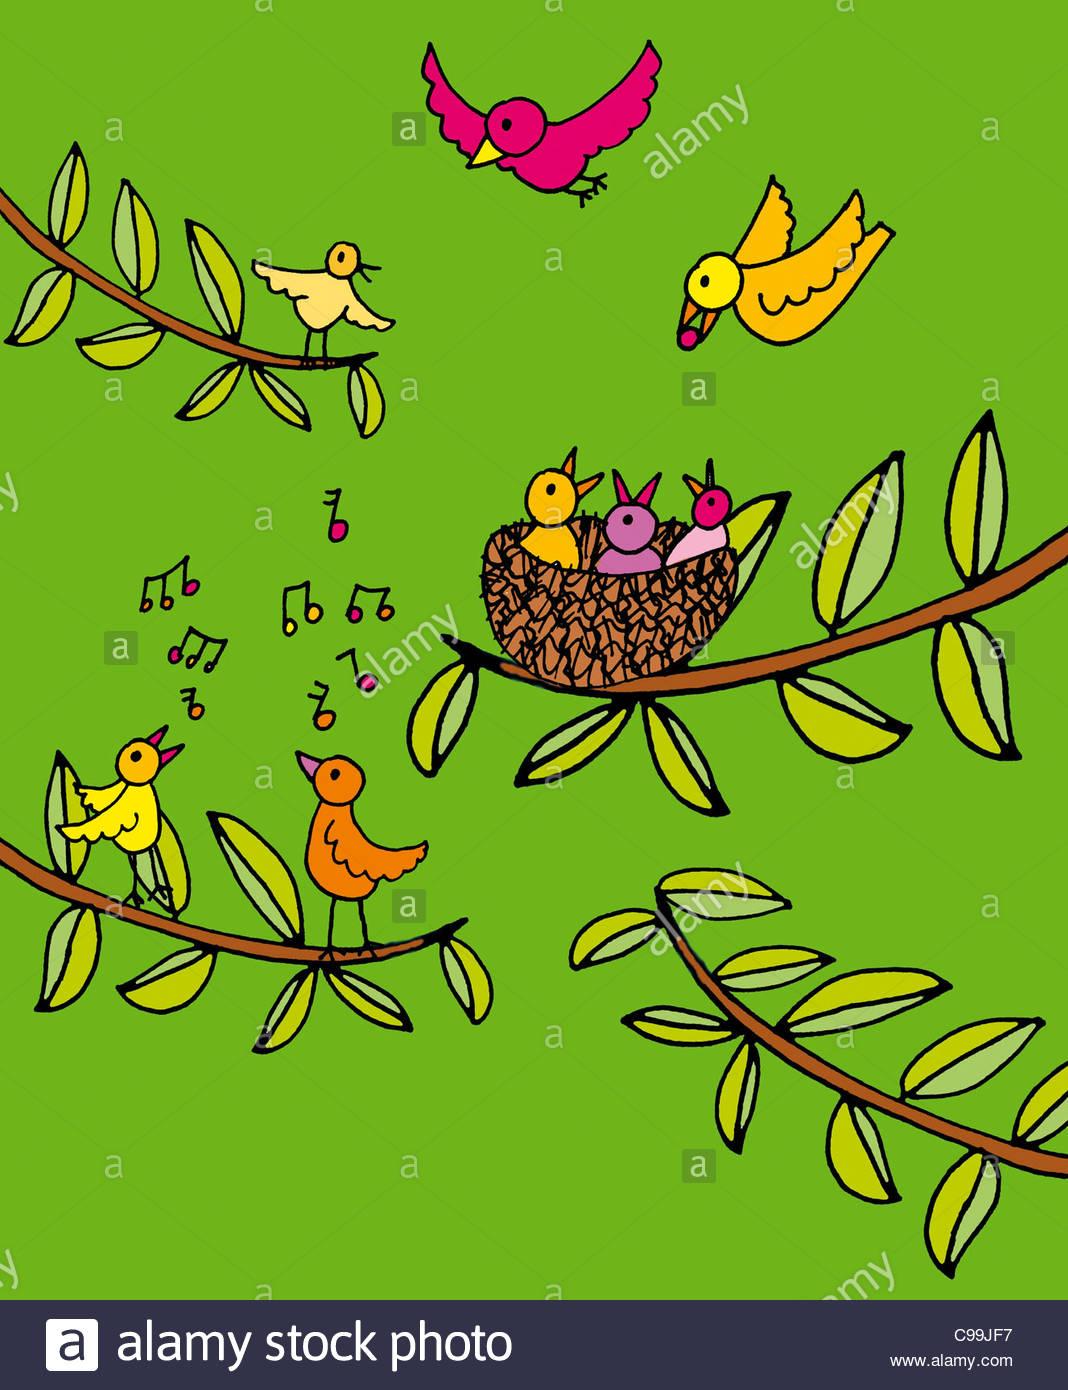 De nombreux oiseaux nichent au printemps le chant des oiseaux animaux amour NESTWAERME Vogel Symbolisme des oeufs Photo Stock